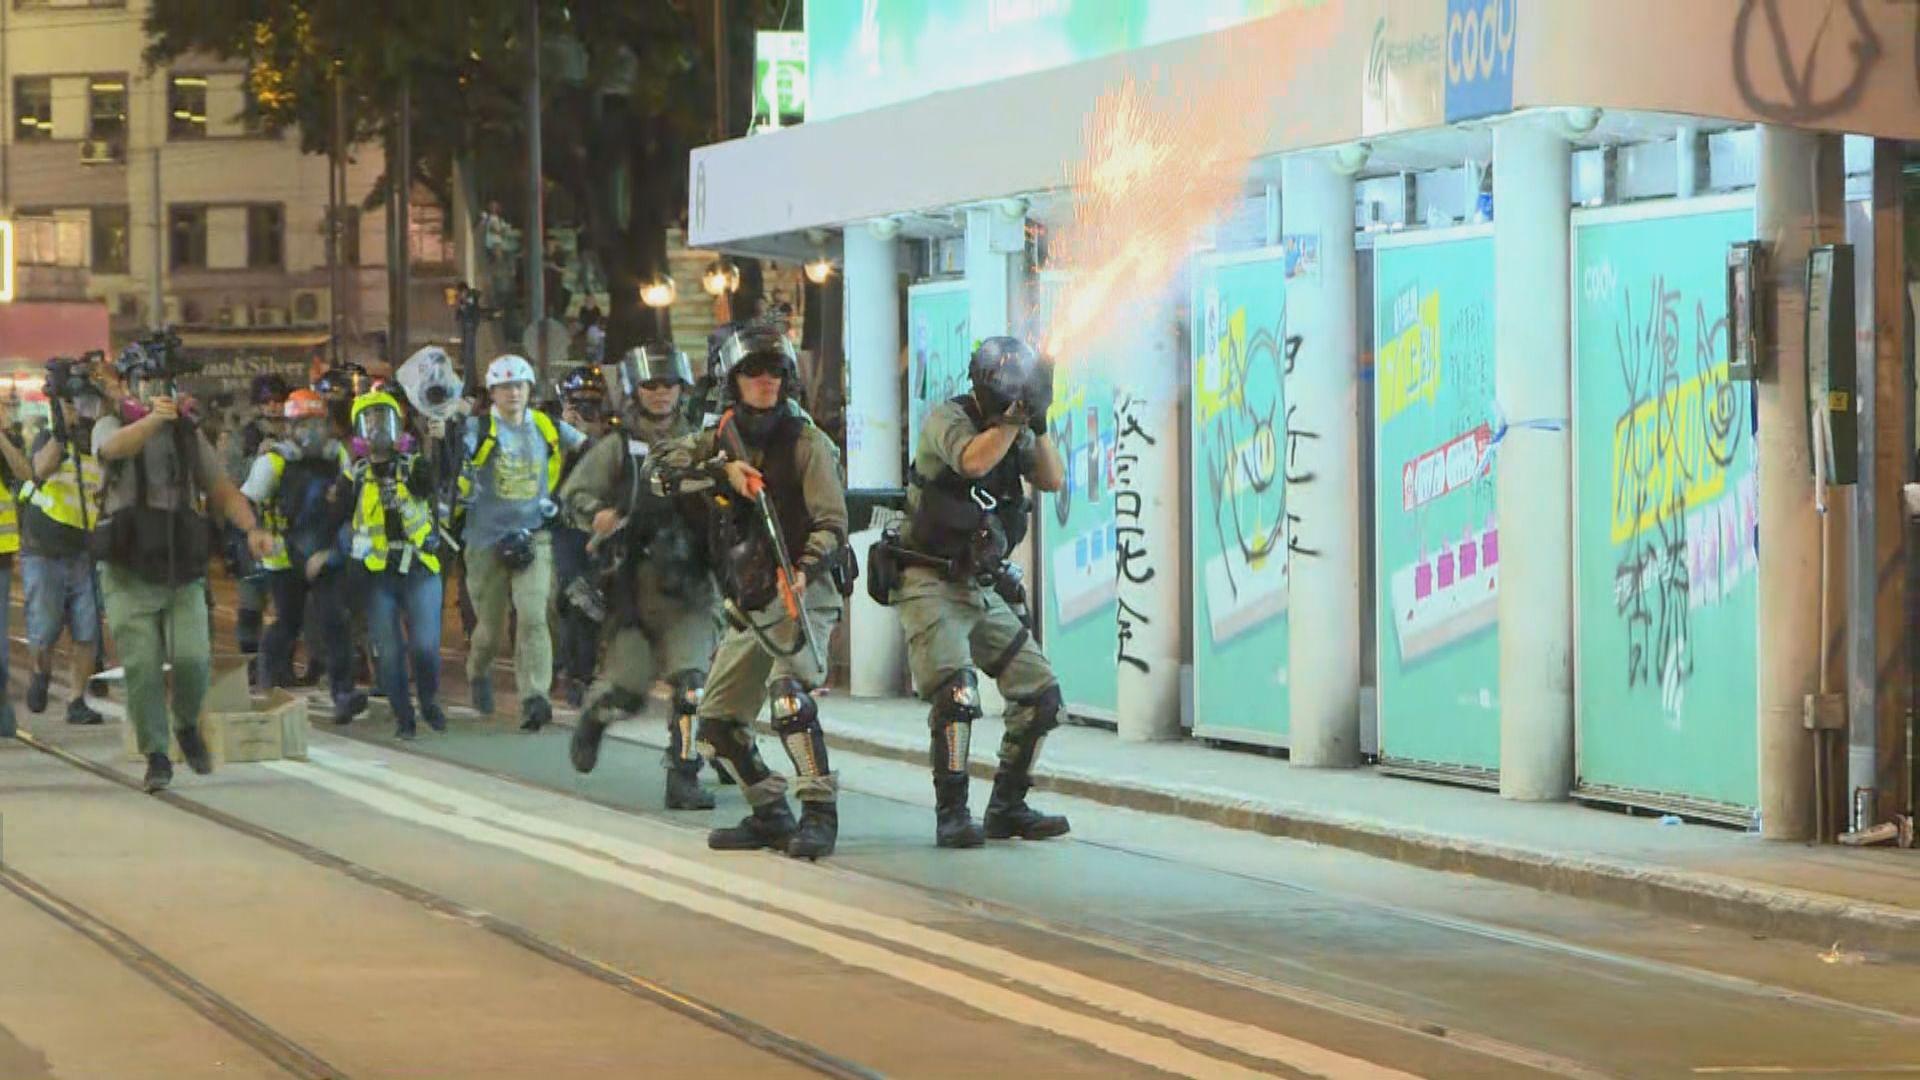 示威者灣仔多條街道聚集 警方多輪驅散